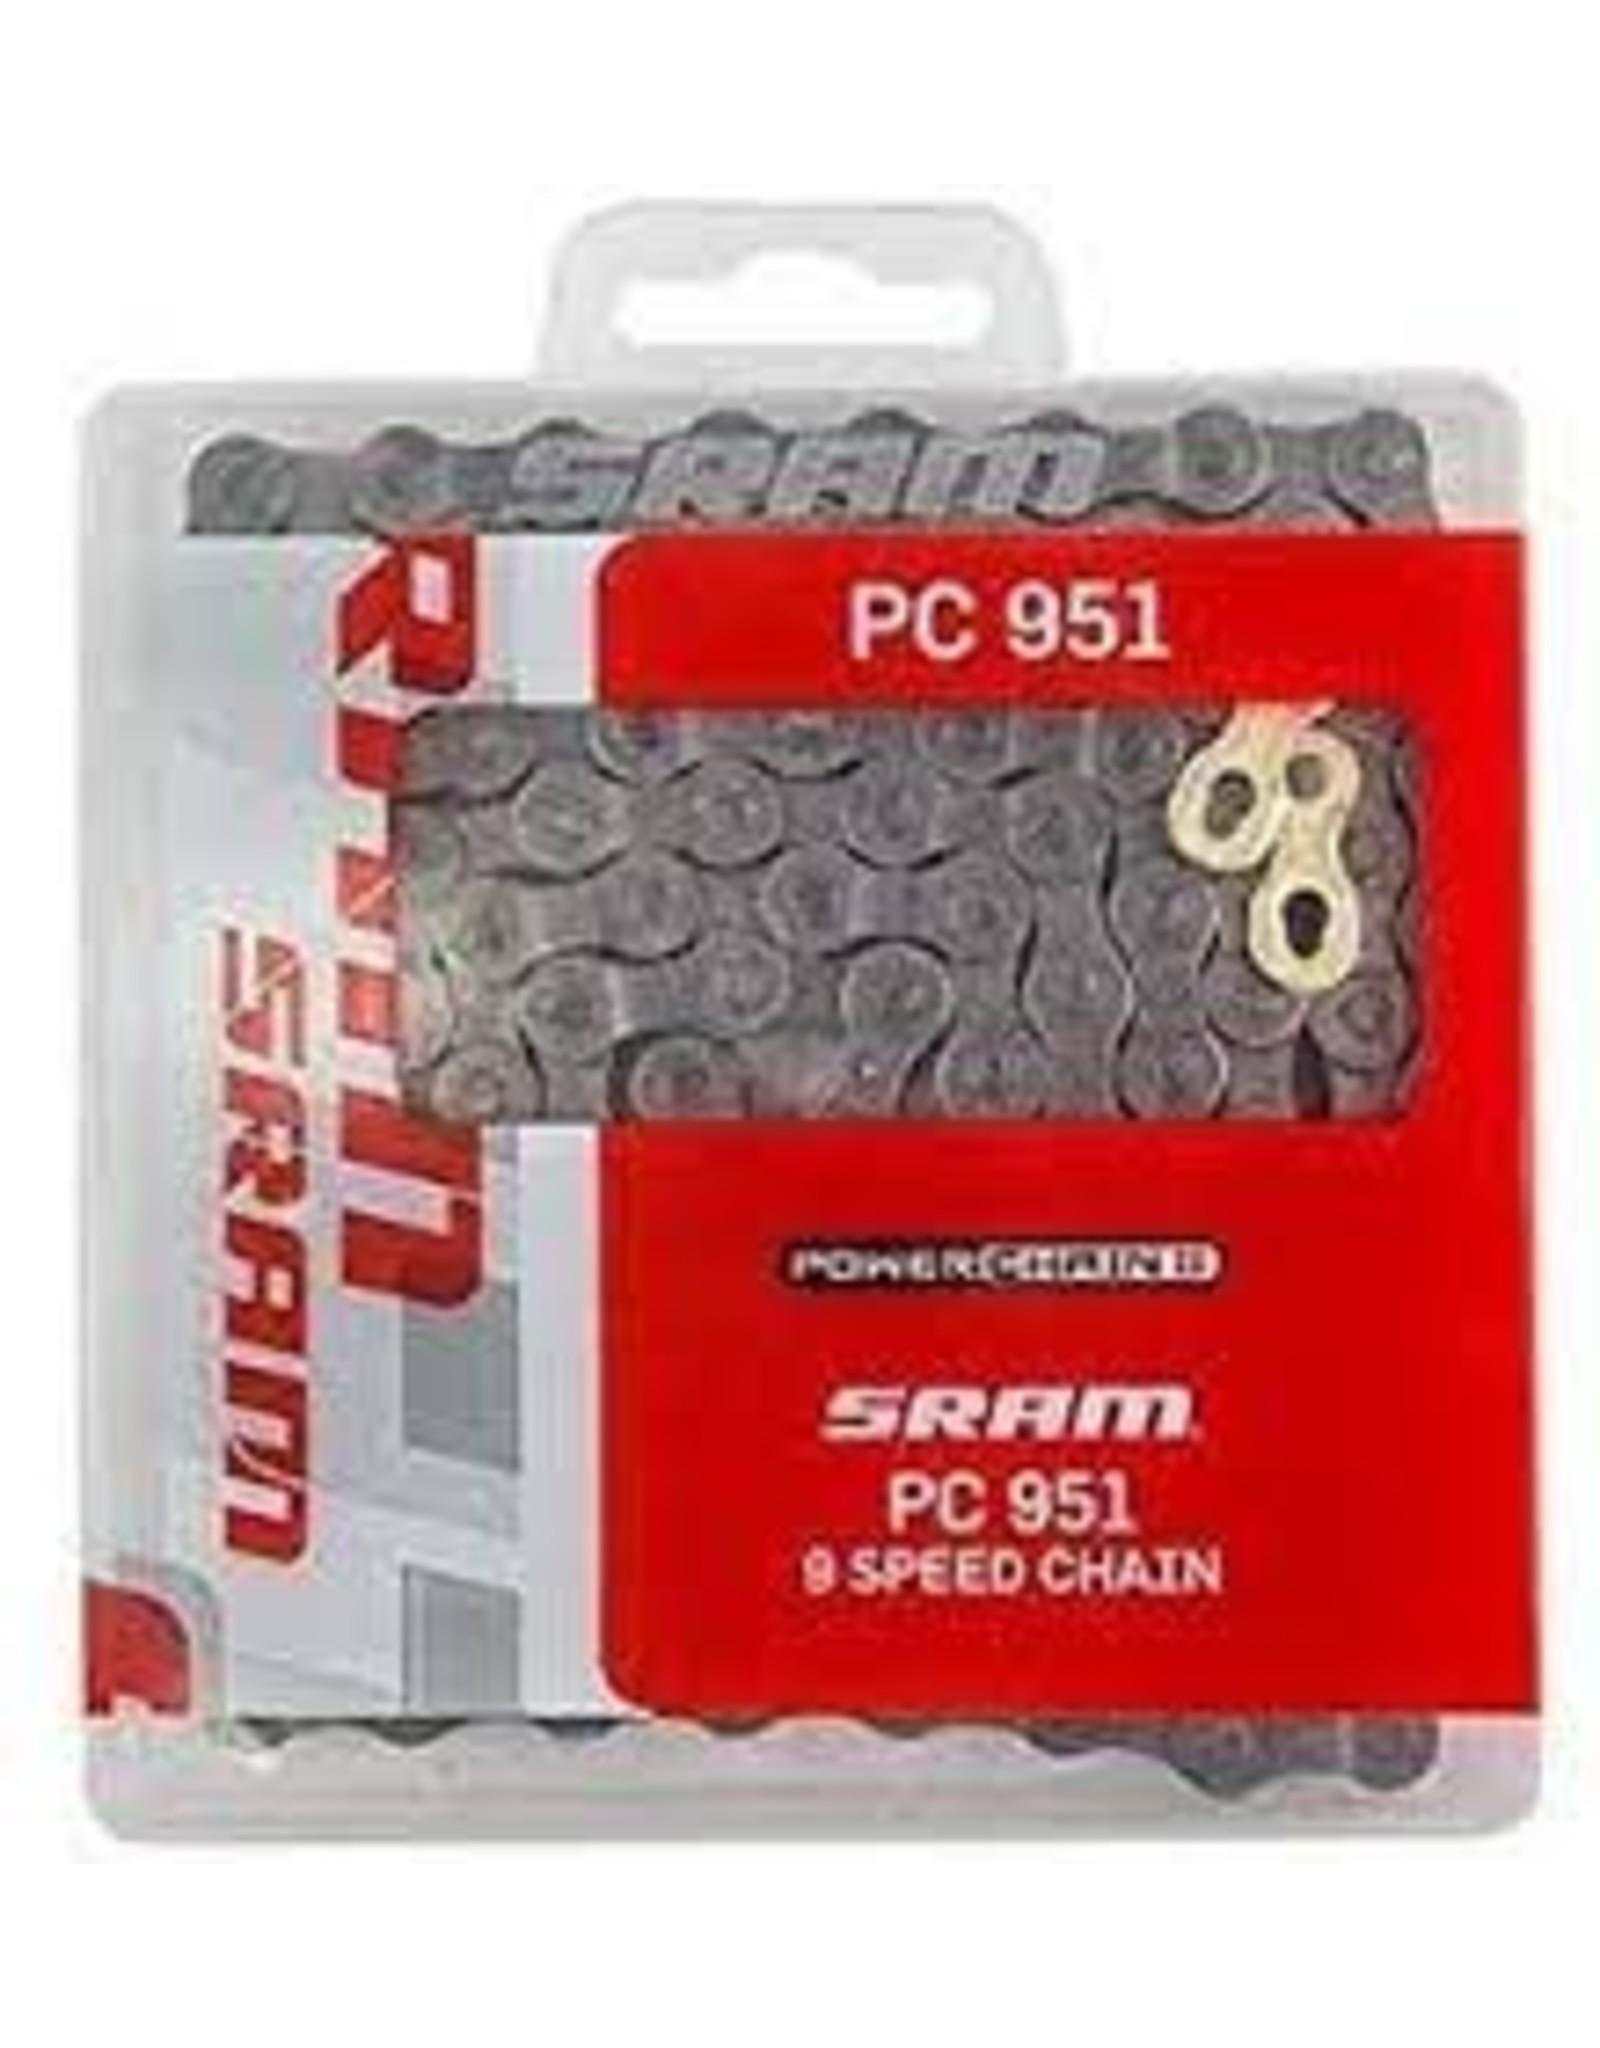 SRAM CHAIN SRAM PC951 CHAIN 9SPD